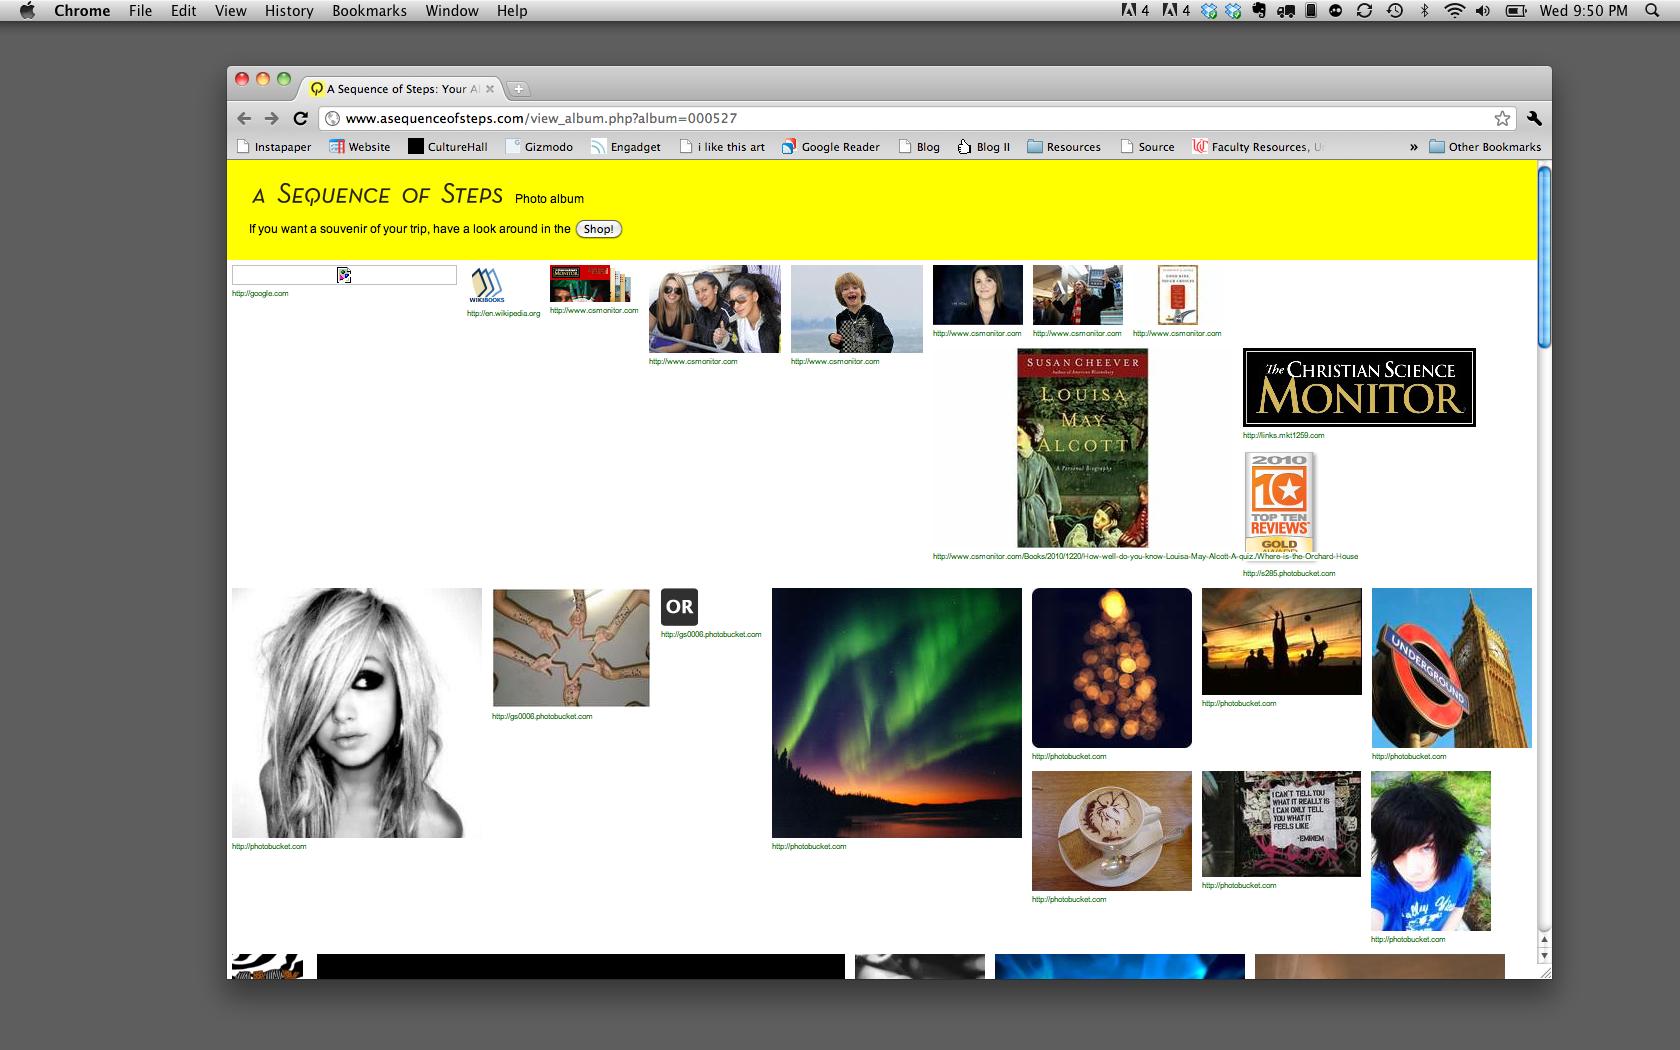 Screen shot 2010-12-29 at 9.50.42 PM